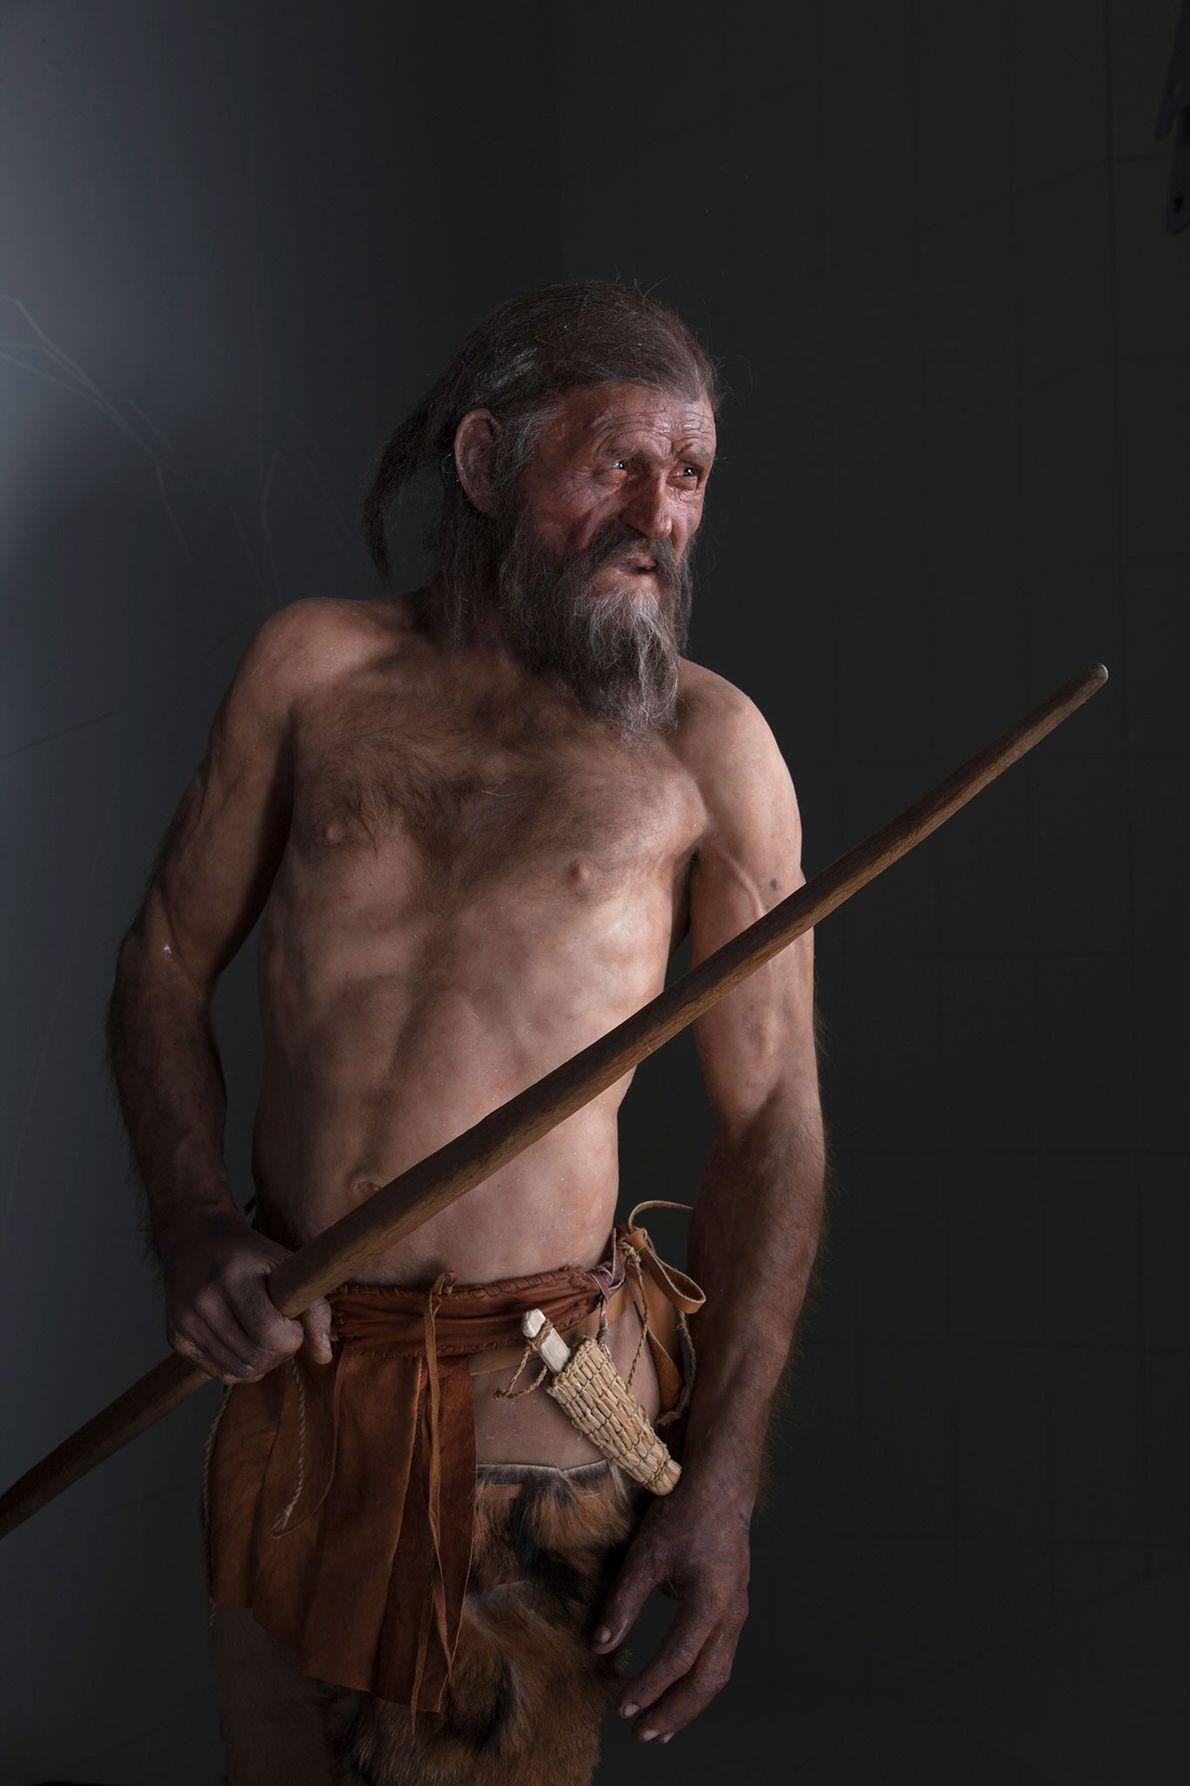 Uma reconstrução de Ötzi, o Homem do Gelo, que devia ter pouco mais de 40 anos.